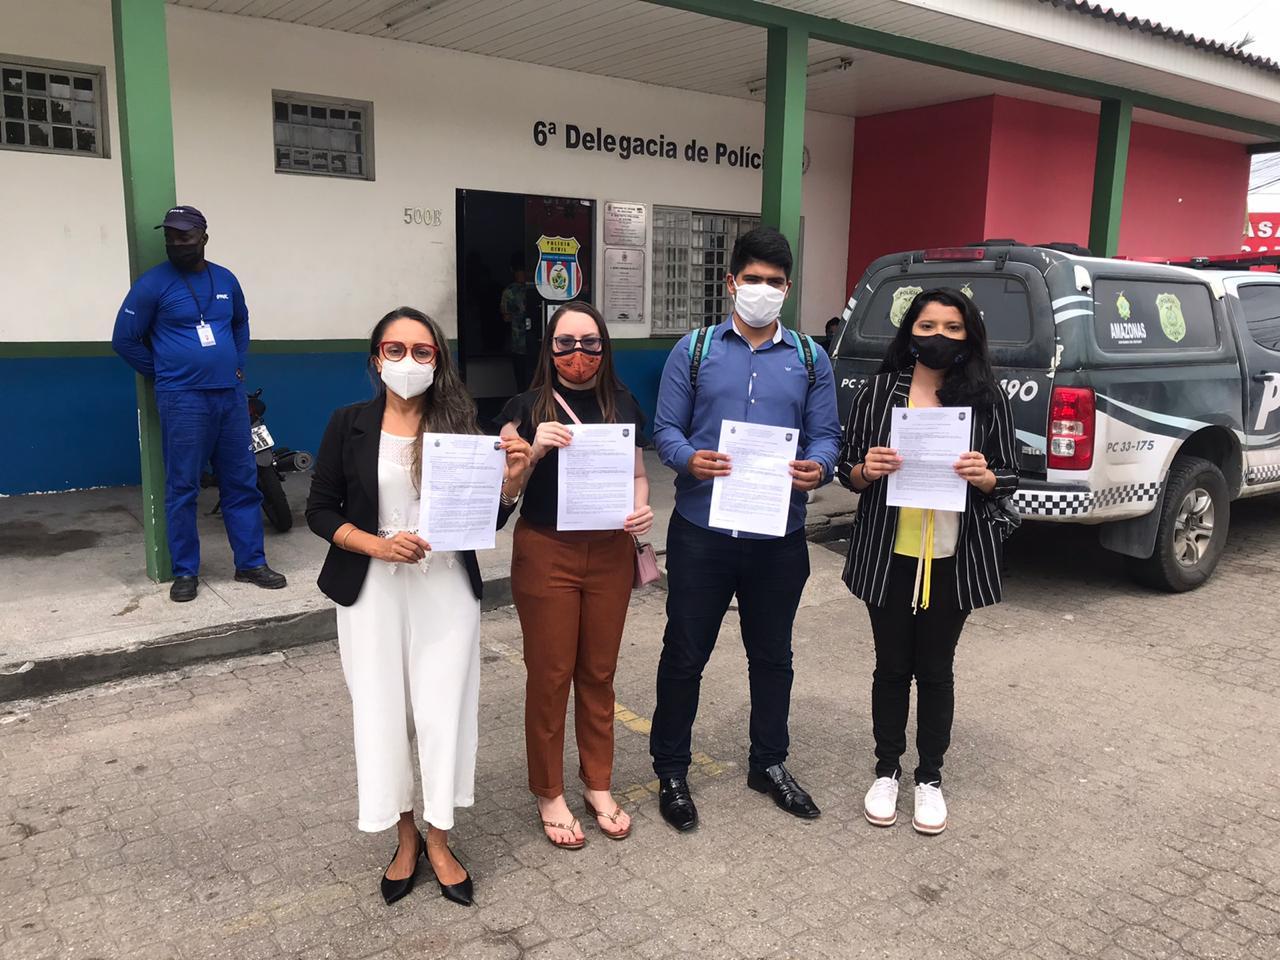 Jornalistas de Manaus relatam agressões sofridas em coletiva do governo do Amazonas